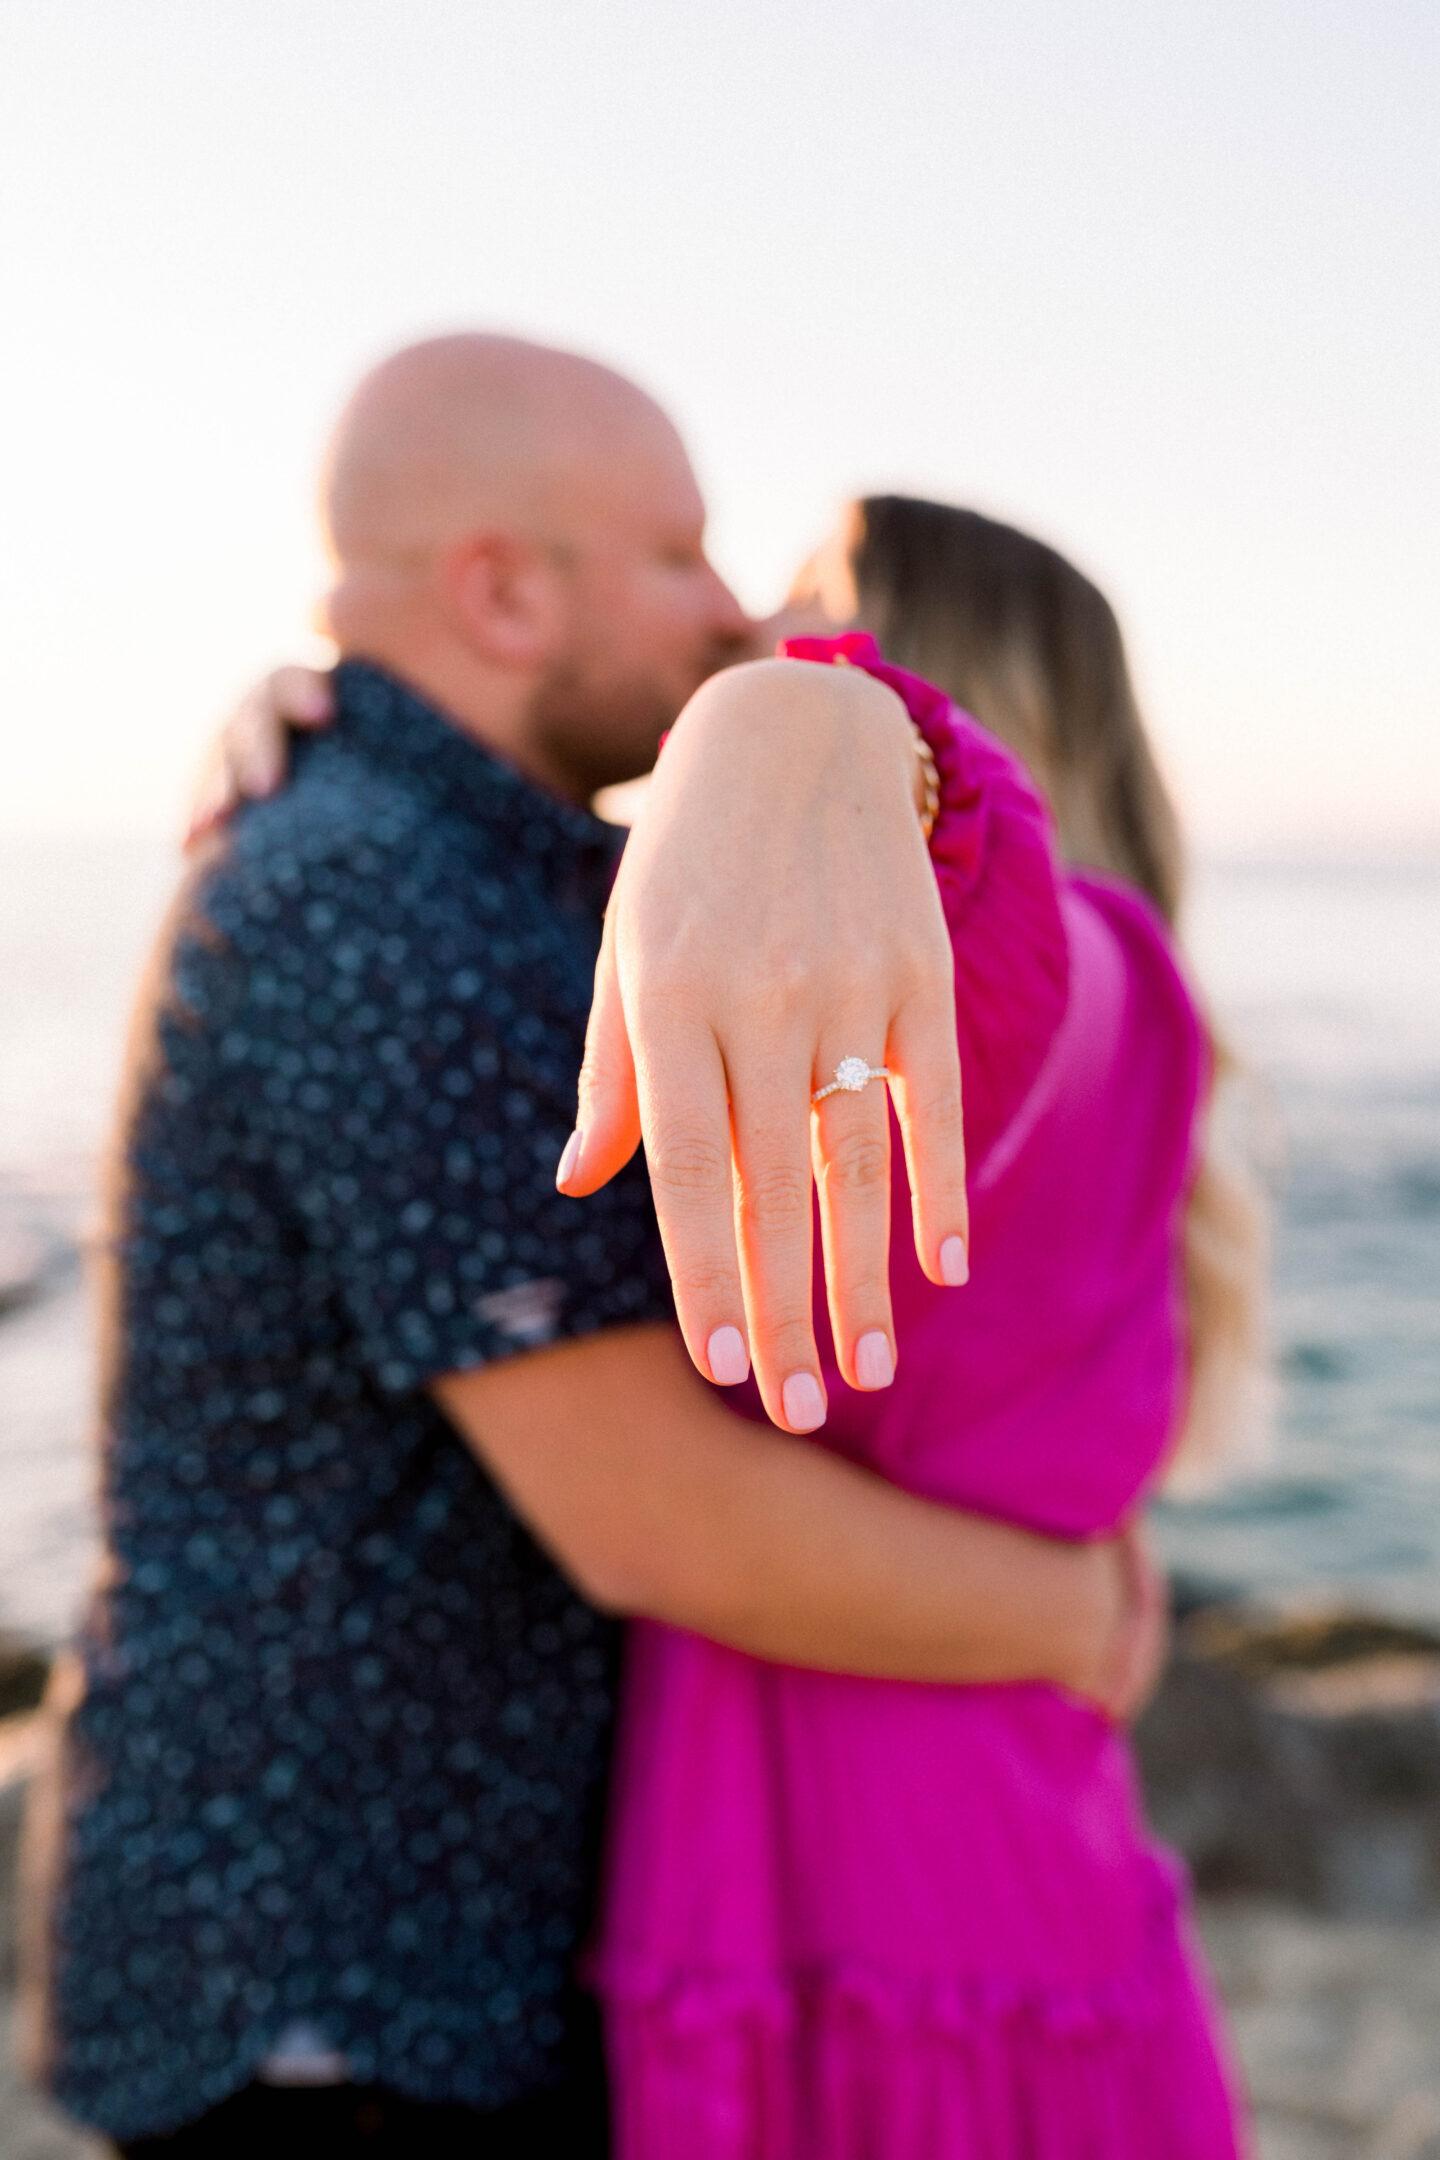 WEDDING WEDNESDAY: HOW HE ASKED